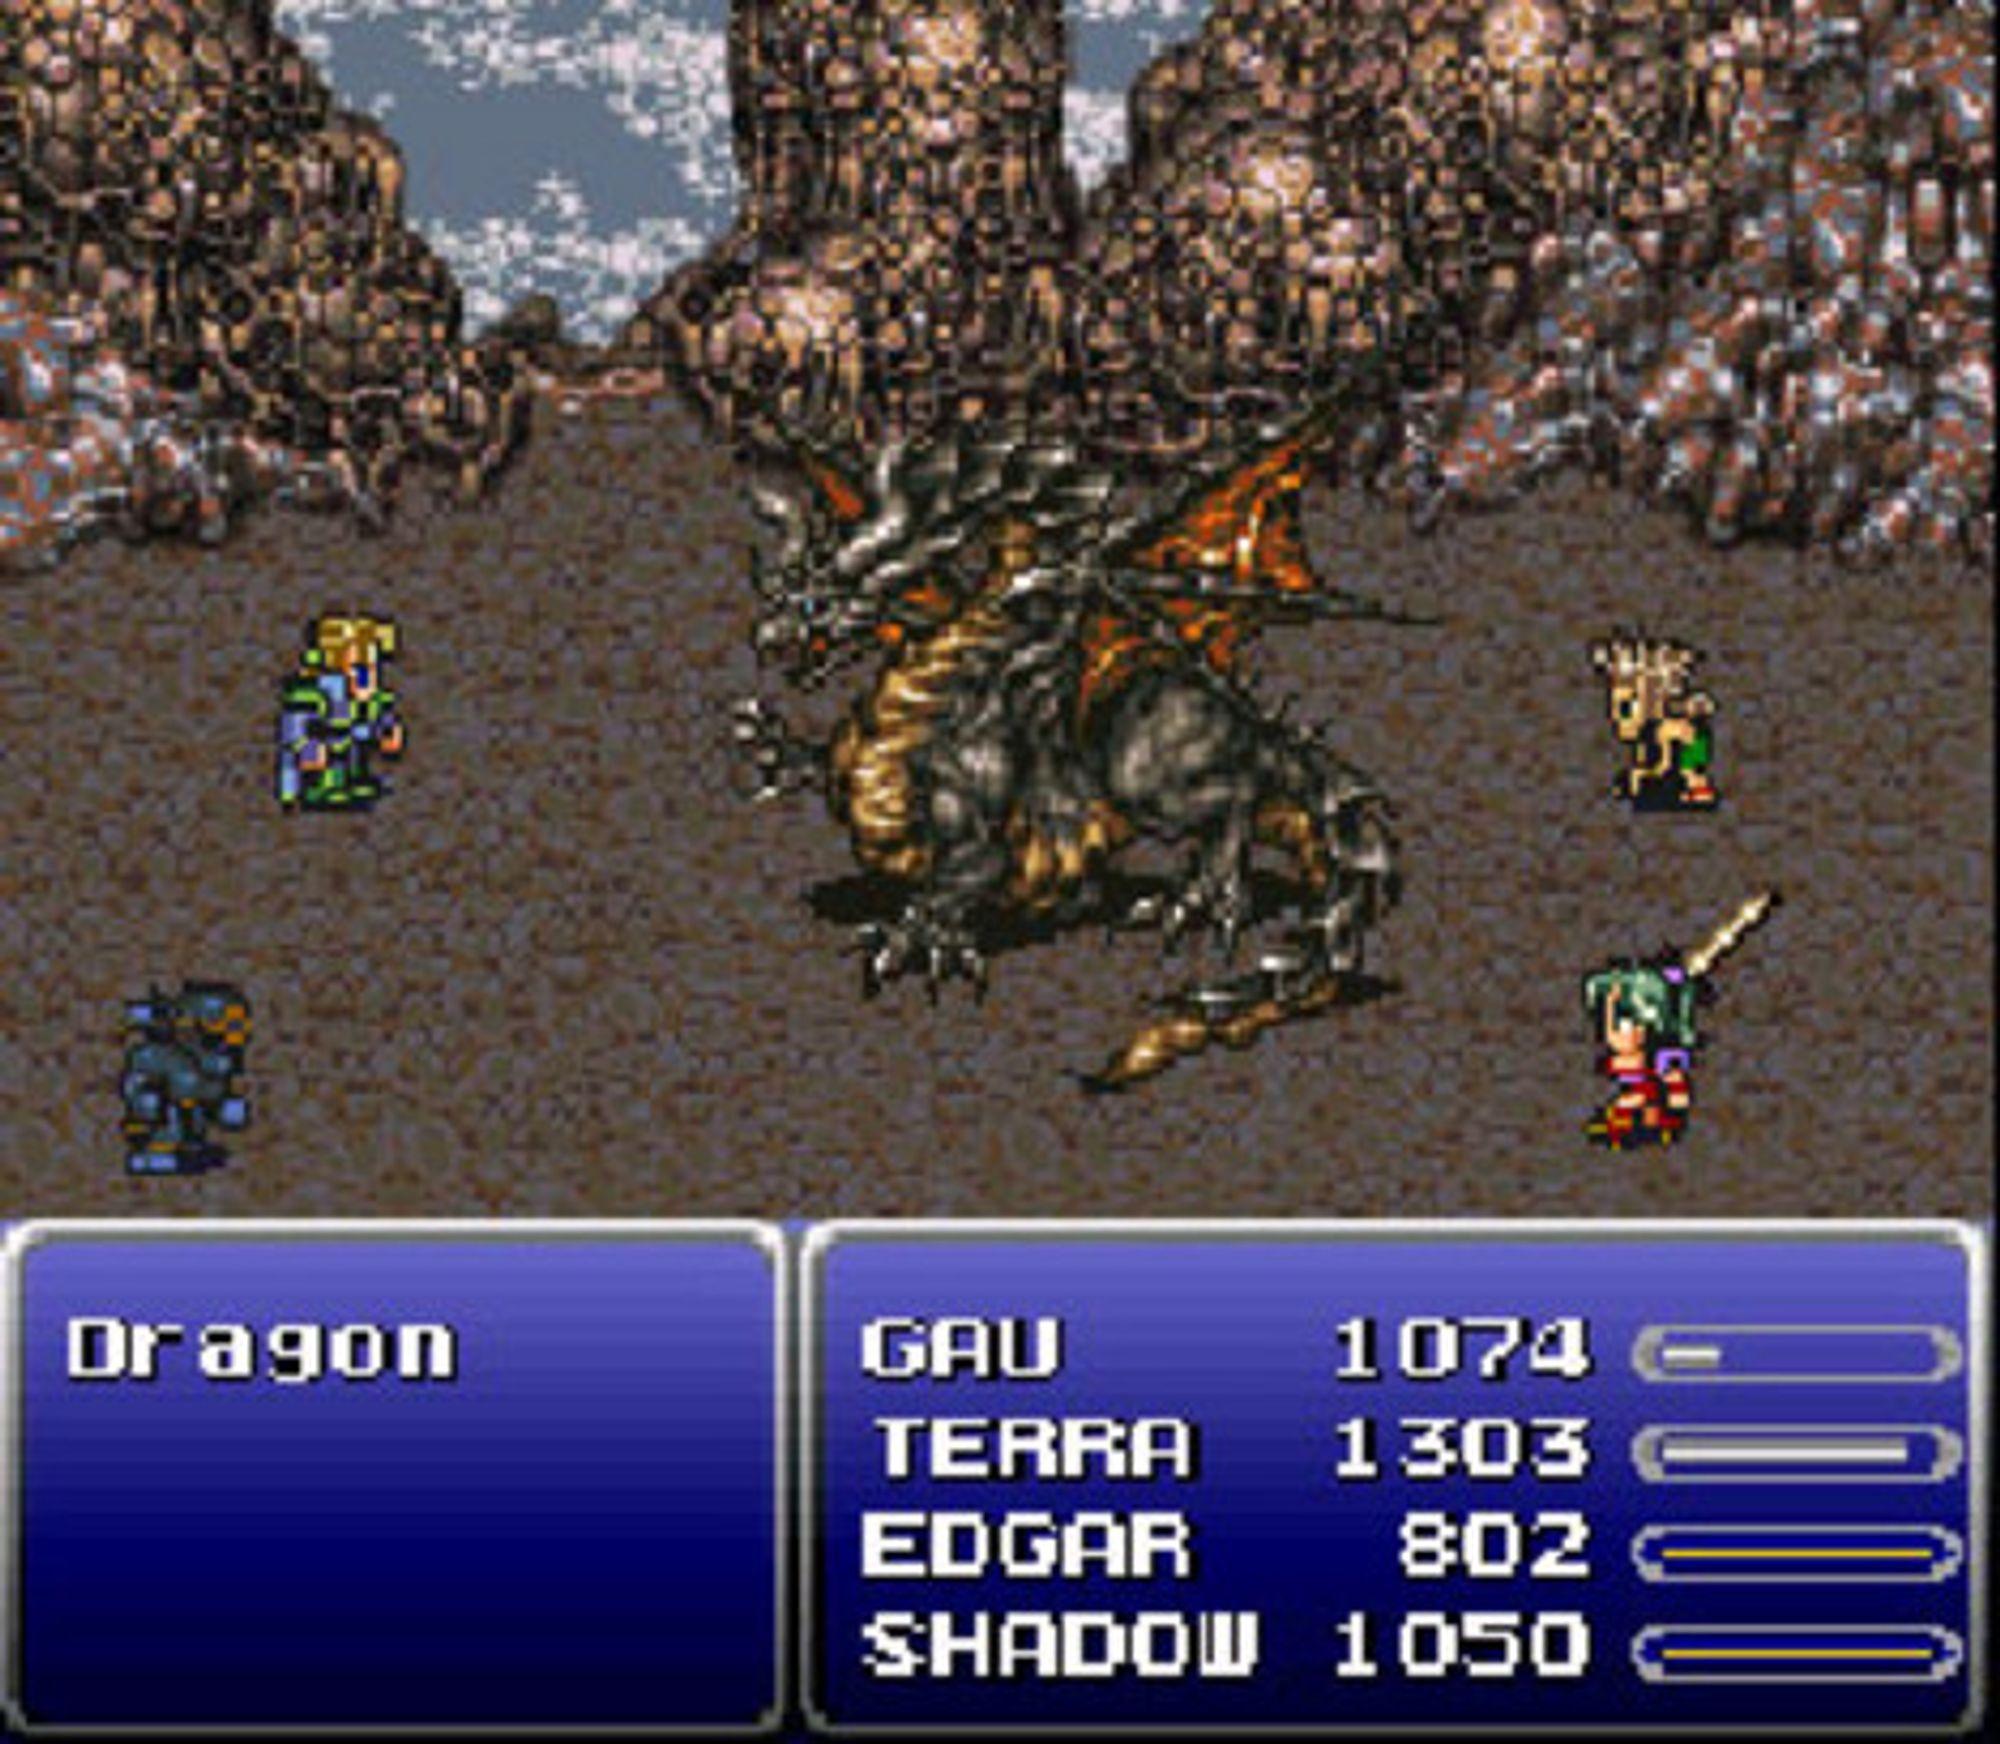 Kampene i Final Fantasy VI har en tendens til å bli skikkelig intense.